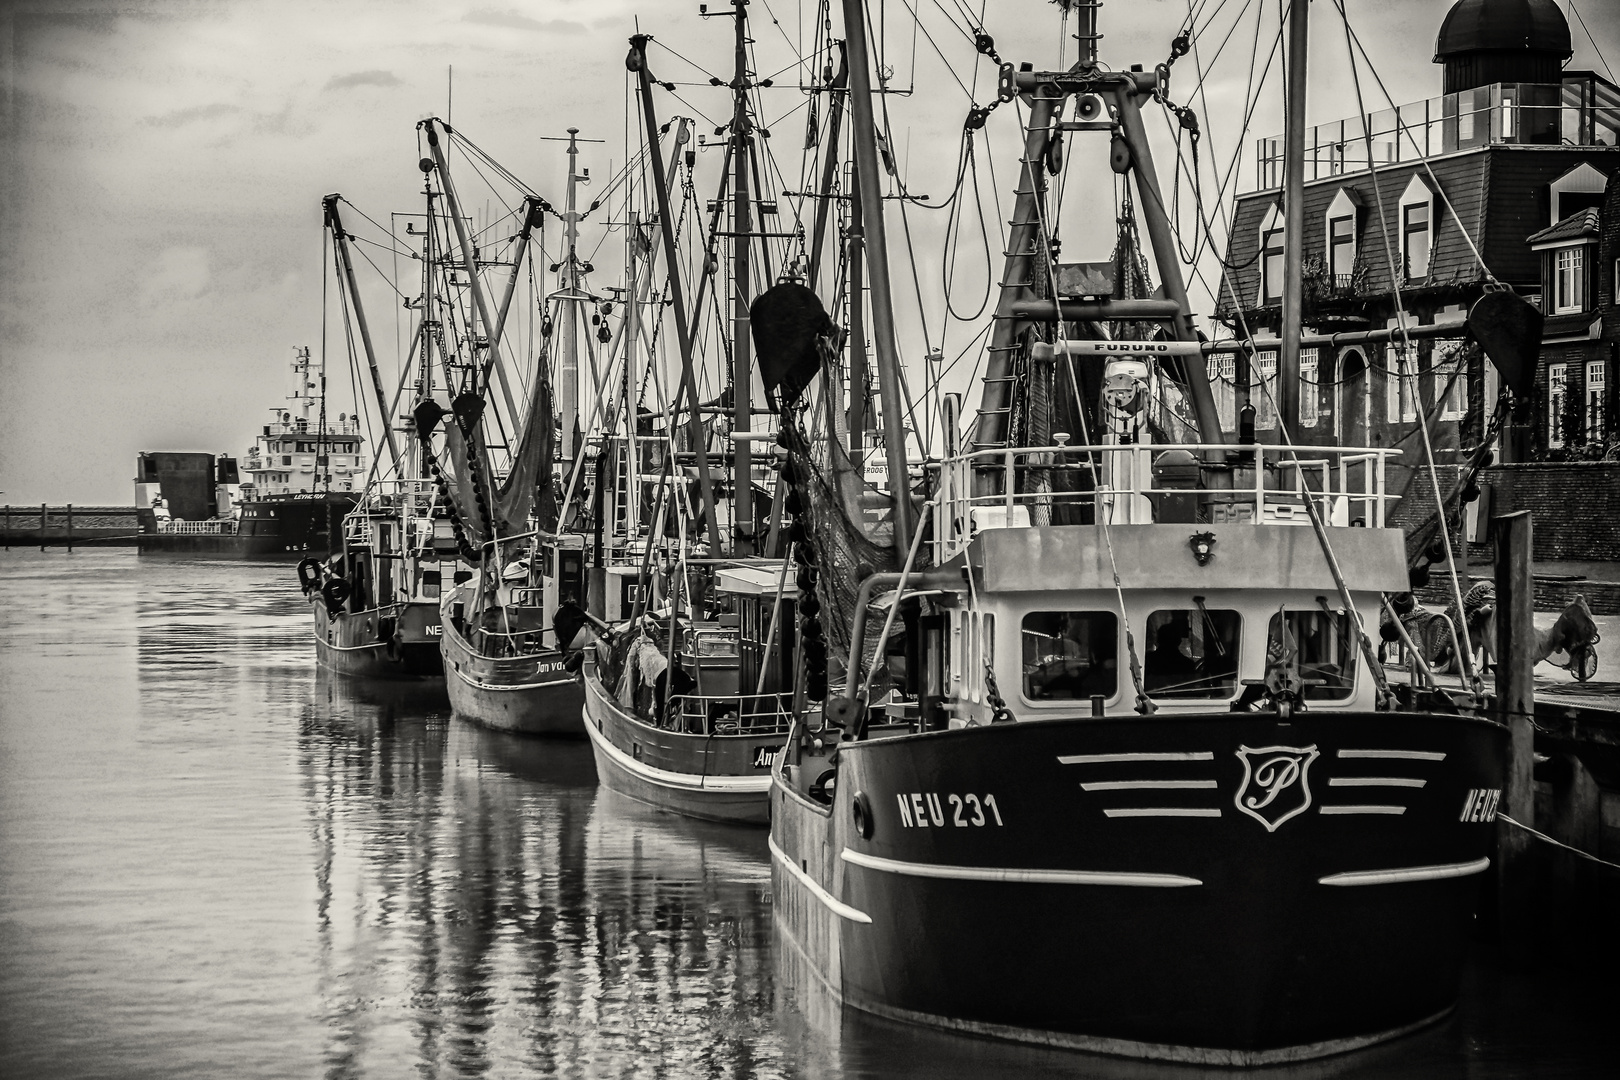 Urlaubseindrücke am Hafen